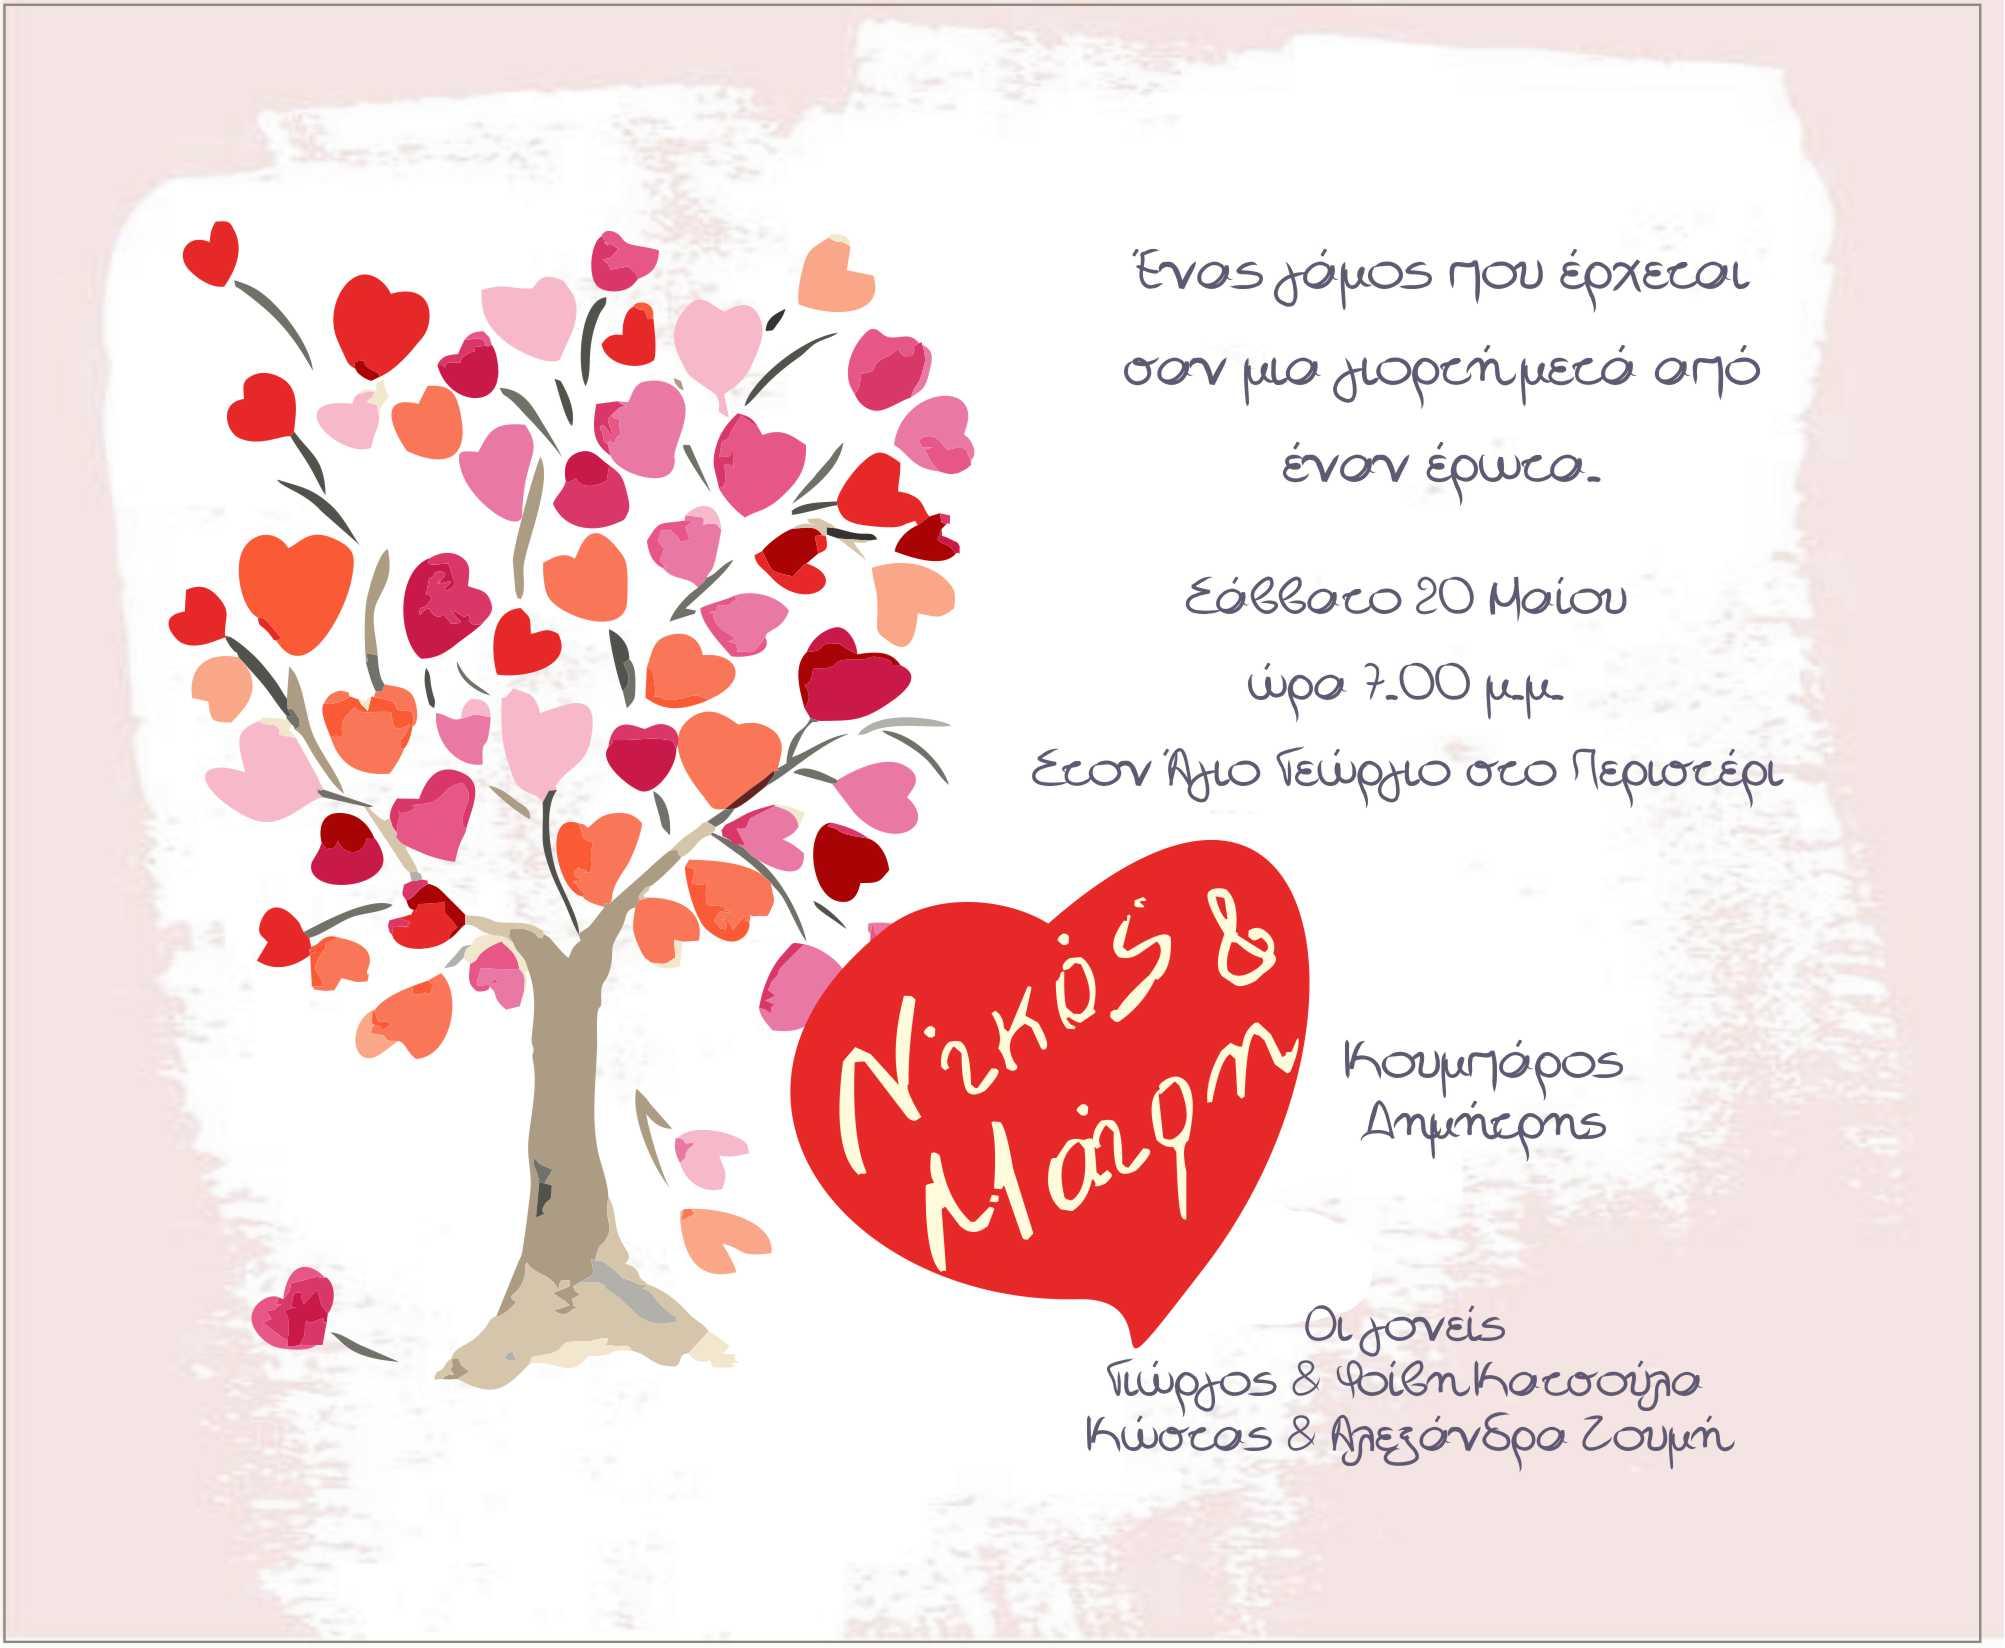 Προσκλητήριο Γάμου  κλασσικό με φύλλα καρδούλες 79